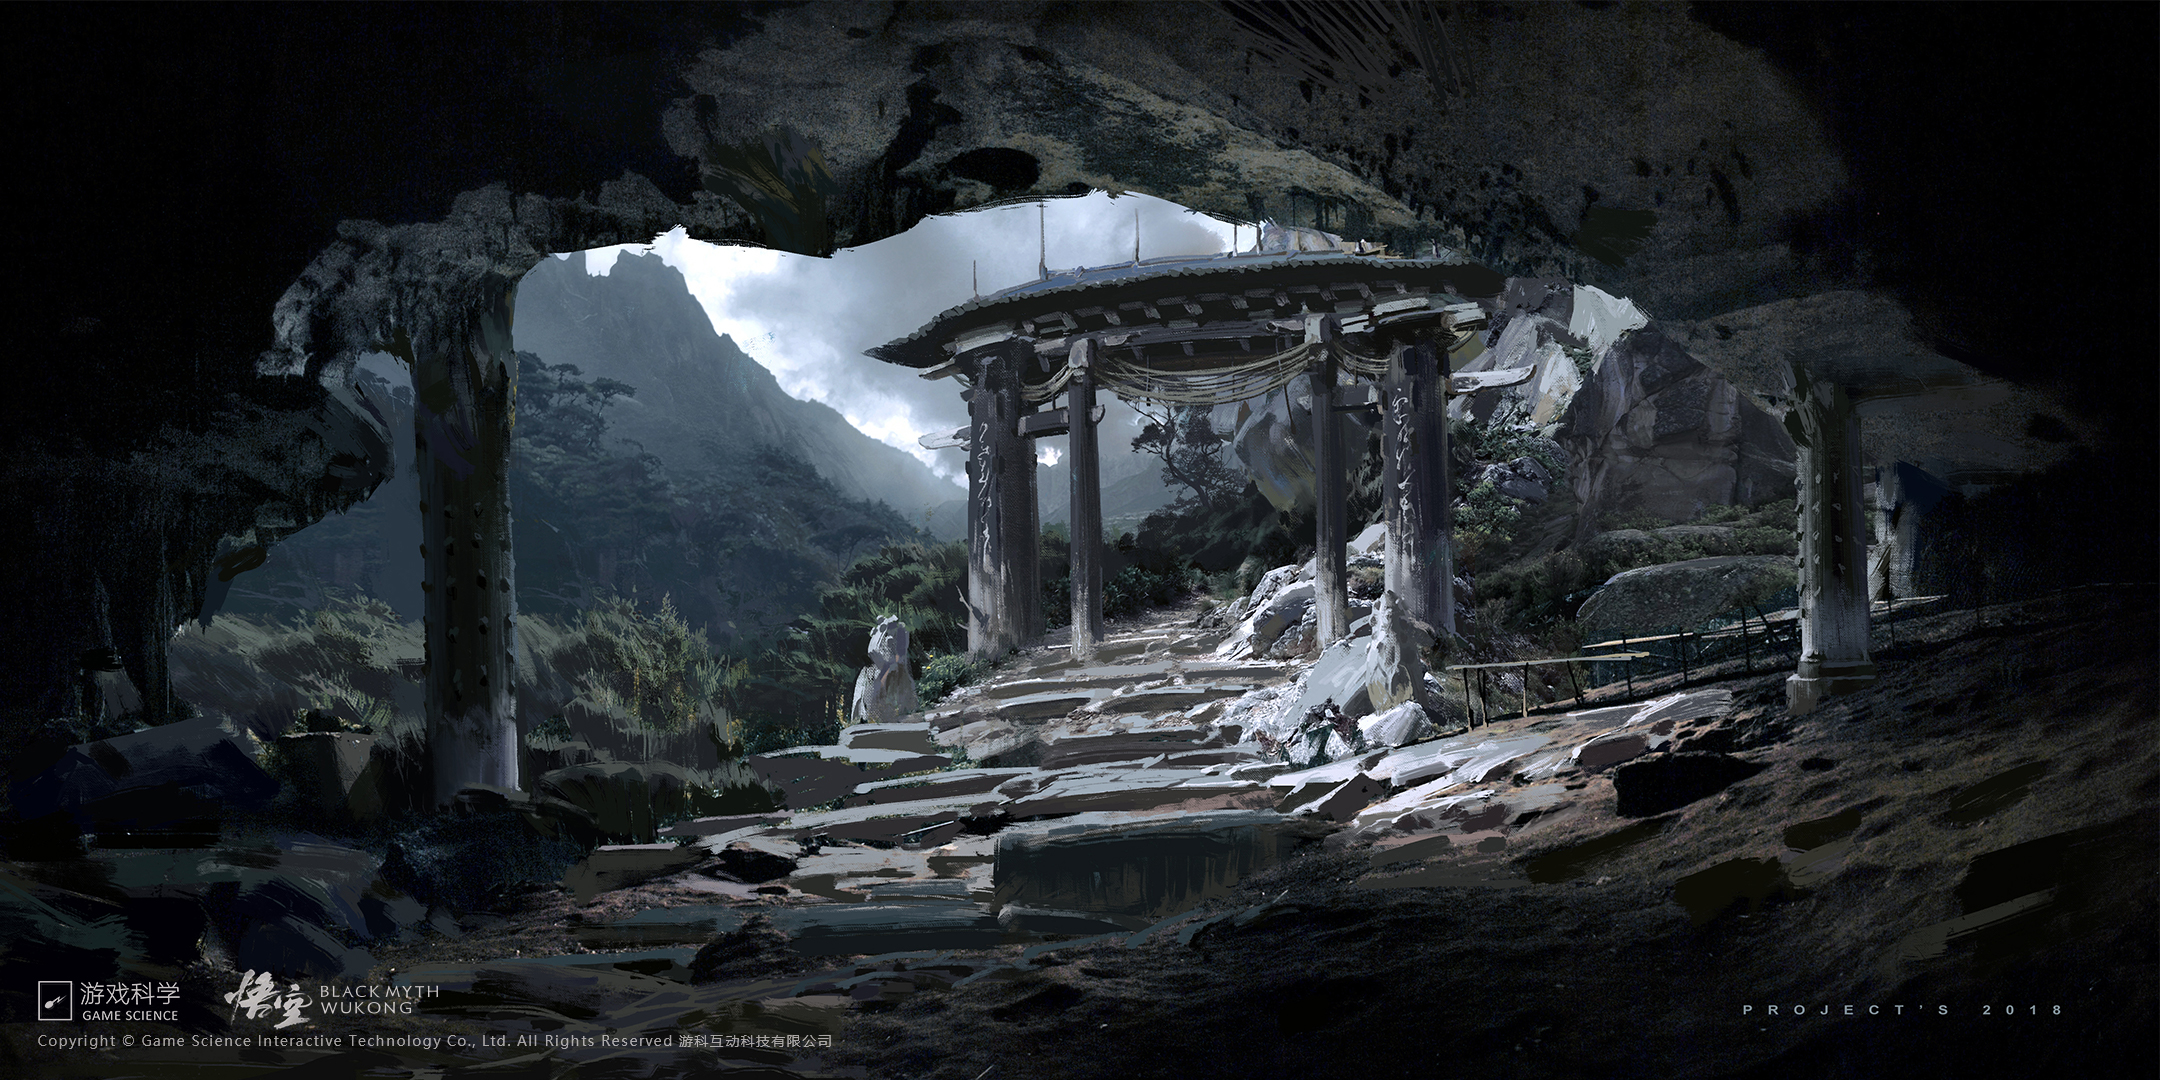 Black Myth: Wu Kong annunciato per Console e PC 26